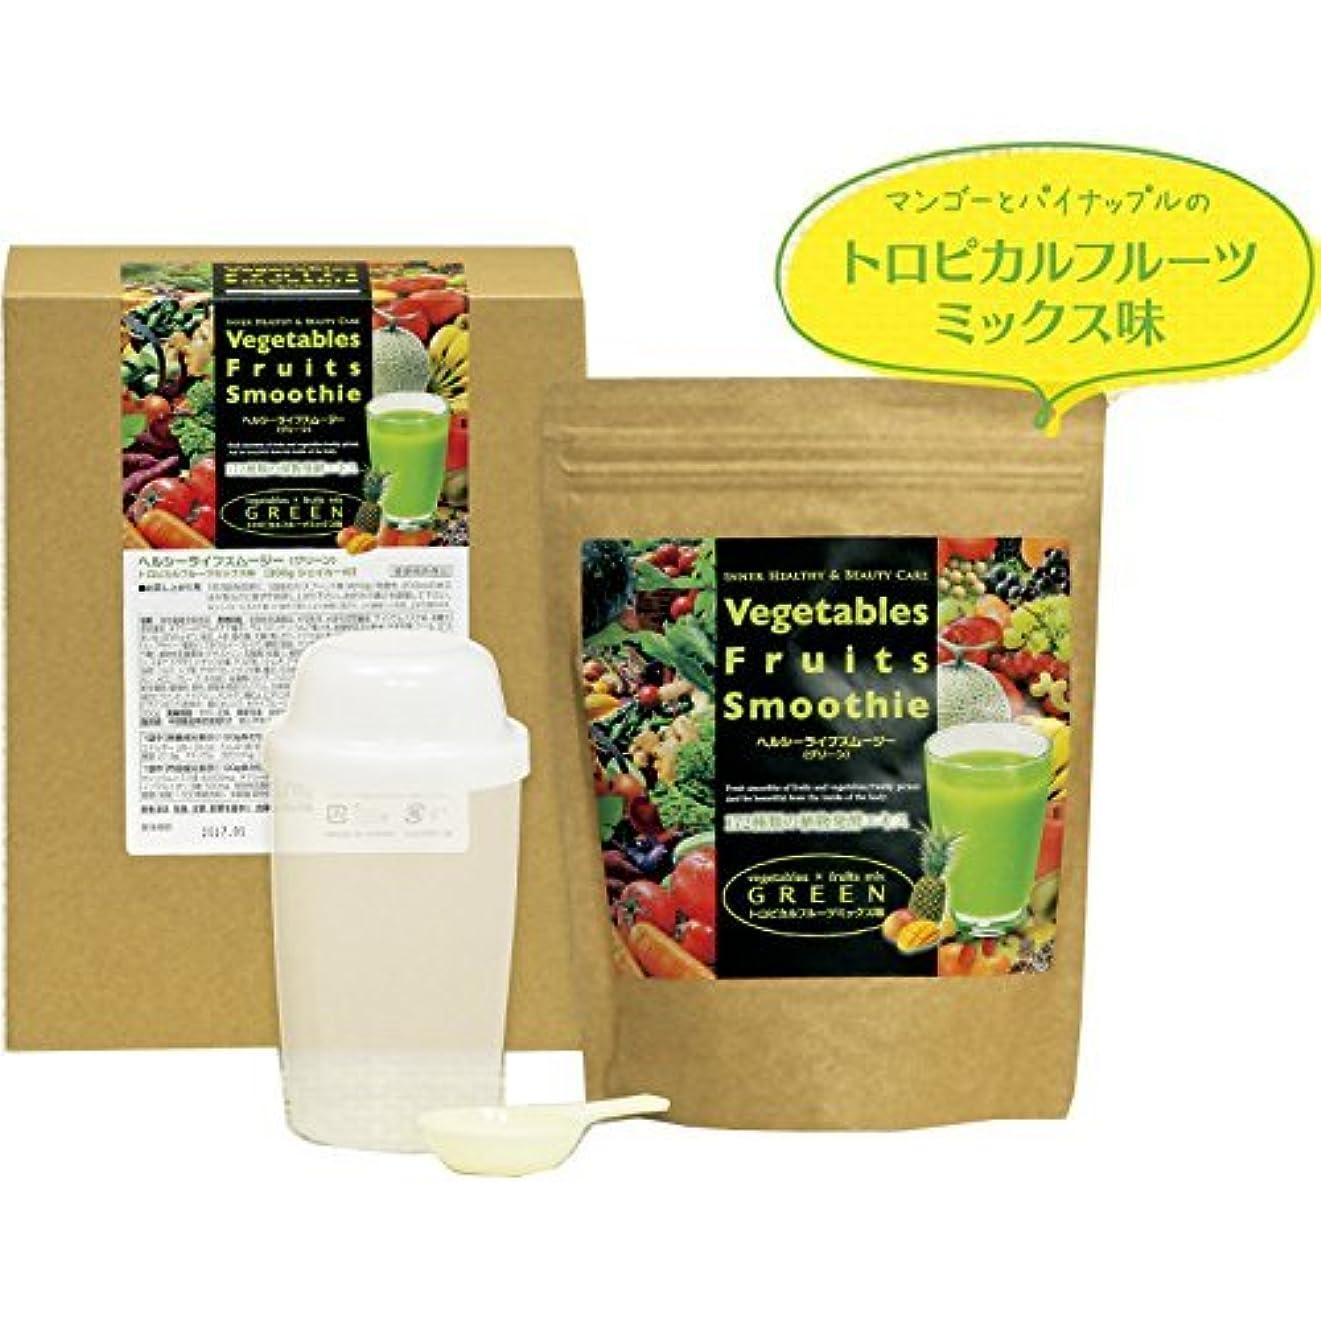 舌バイナリコモランマVegetables Fruits Smoothie ヘルシーライフスムージー(グリーン)トロピカルフルーツミックス味(300g シェイカー付) 日本製